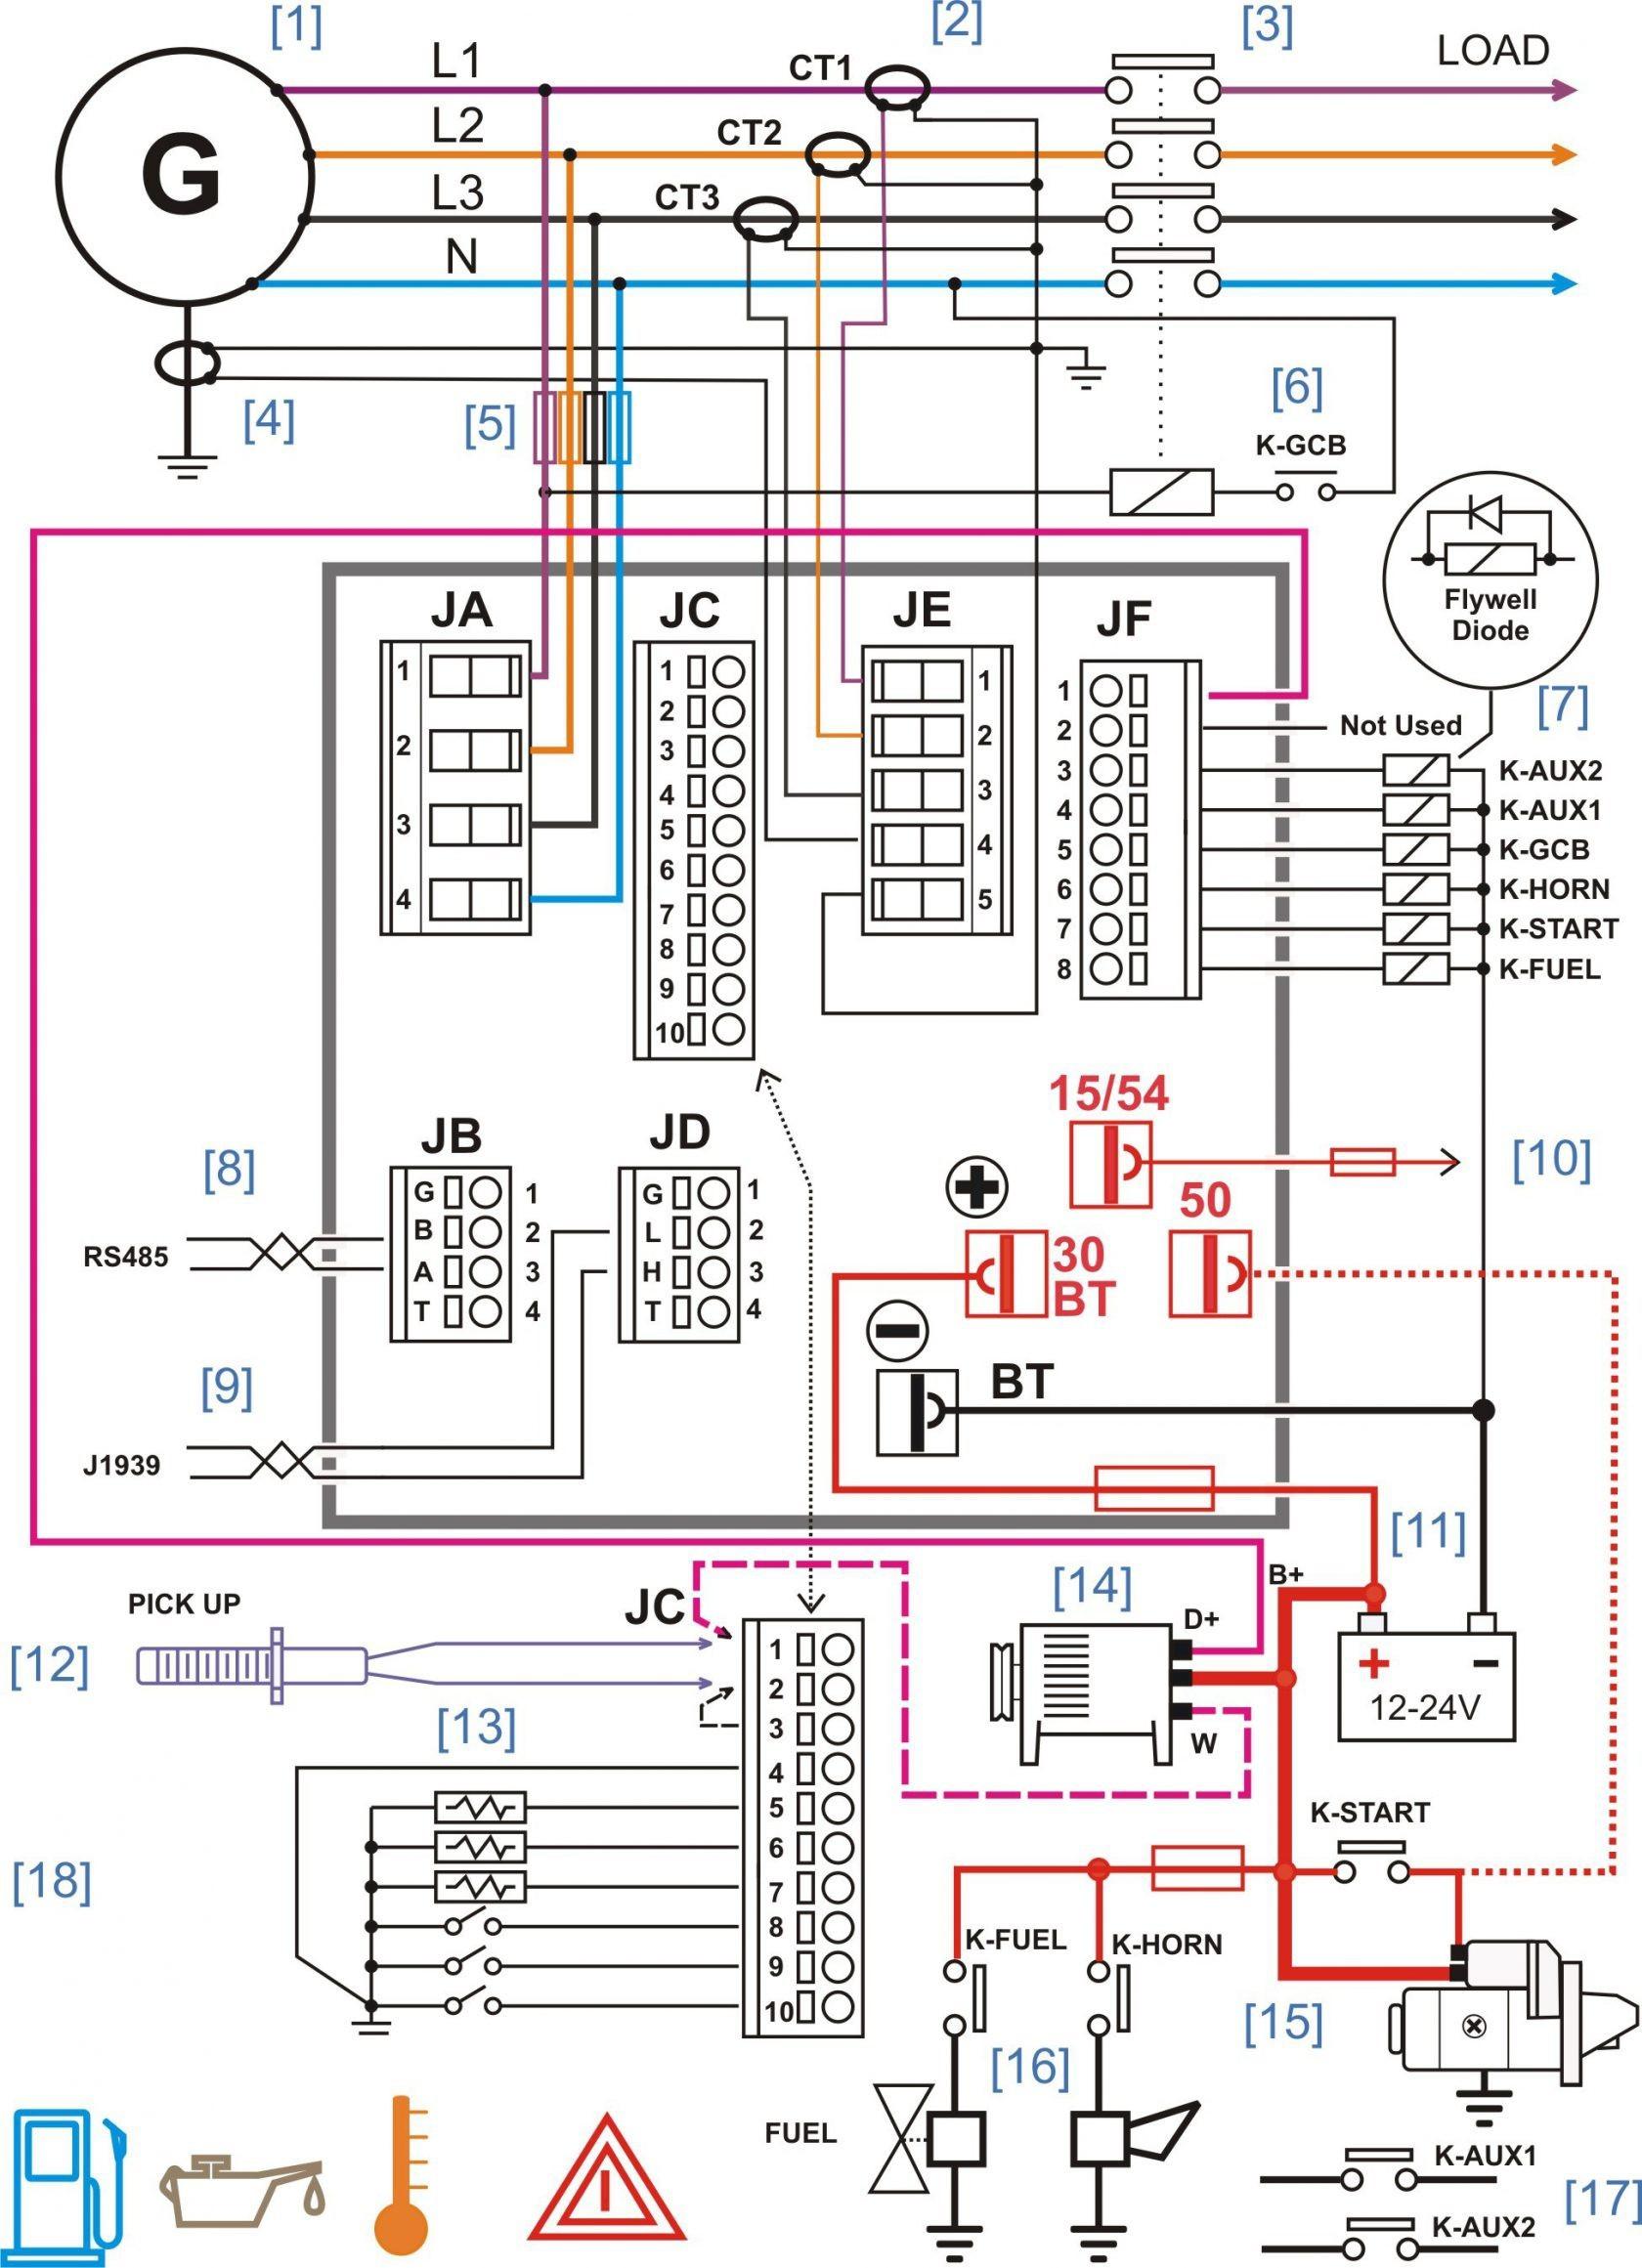 Kenwood Stereo Wiring Diagram Kdc 210u Within Radio In Car Diagrams Pioneer Mixtrax Jvc Kd